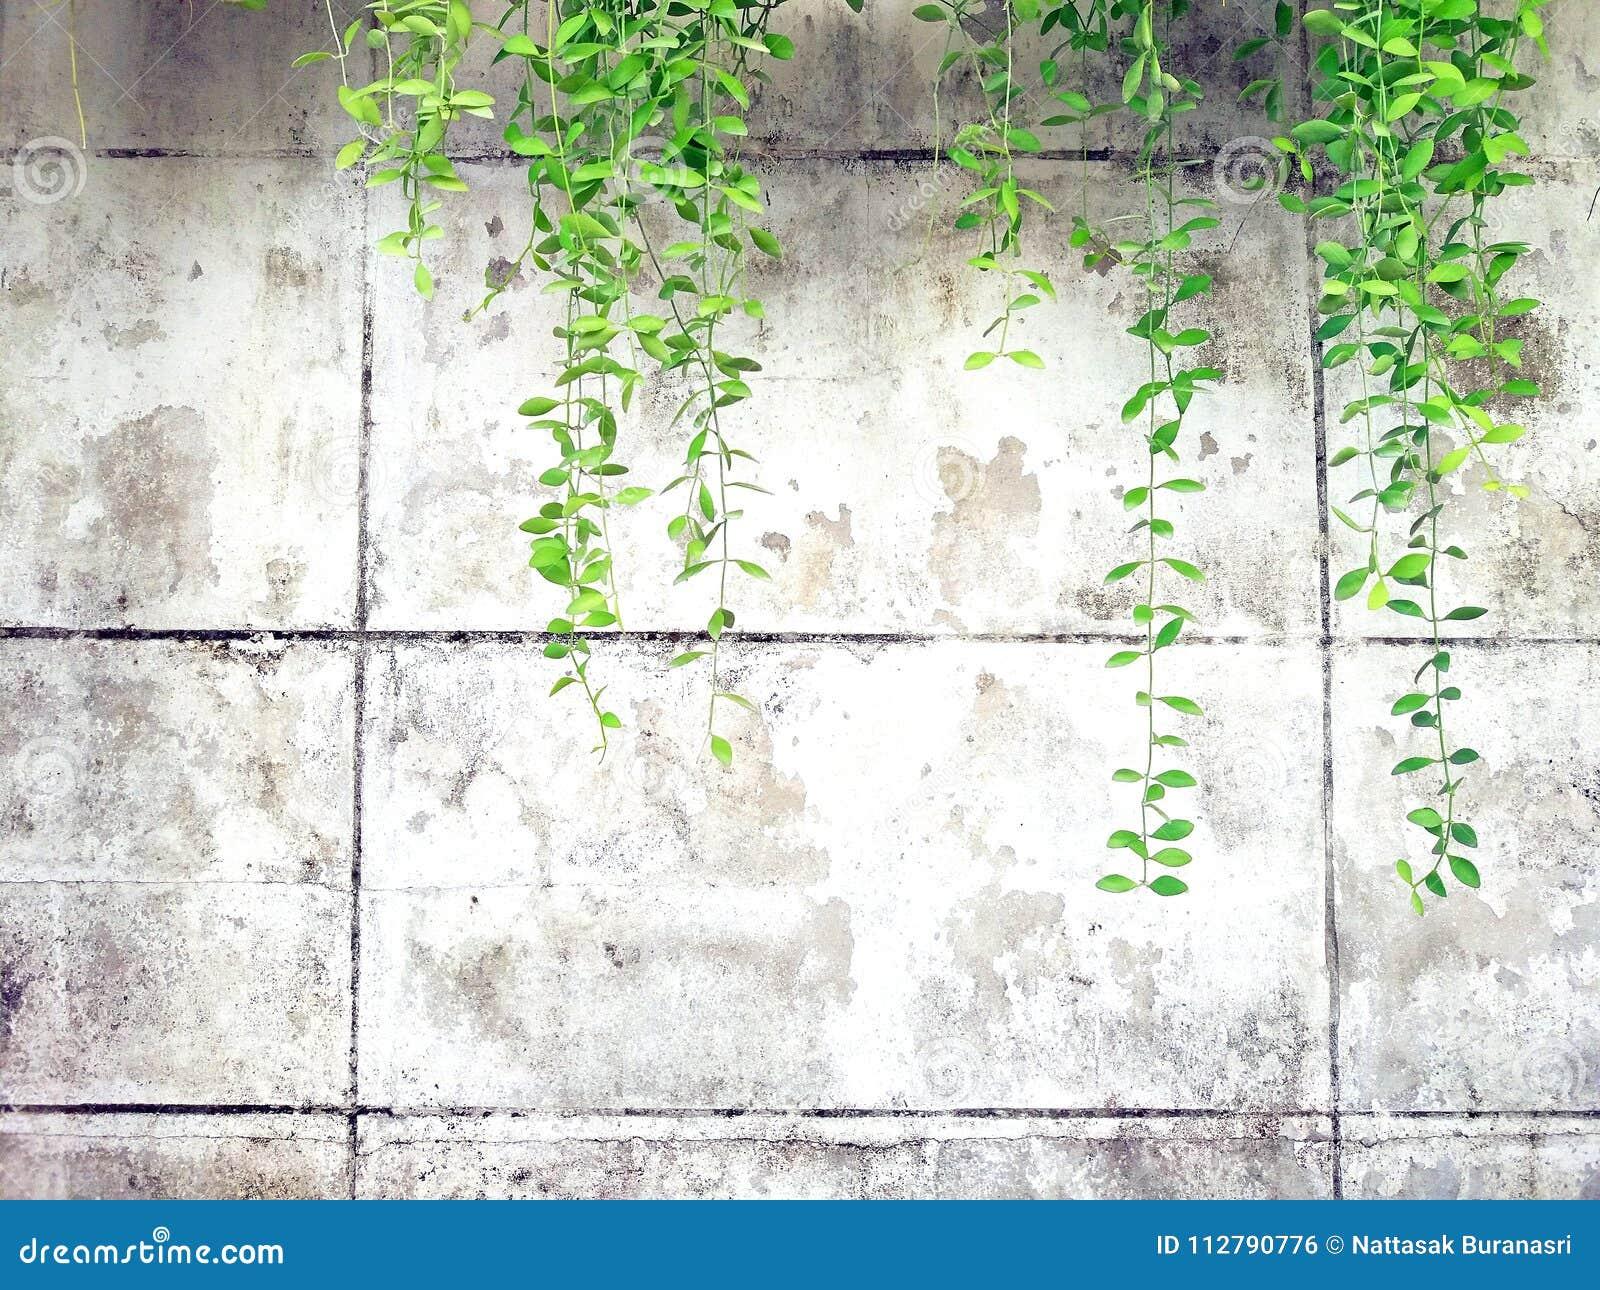 Groene wijnstok, Liana of kruipende installatie op oud wit cement of grunge abstracte muurachtergrond met exemplaarruimte